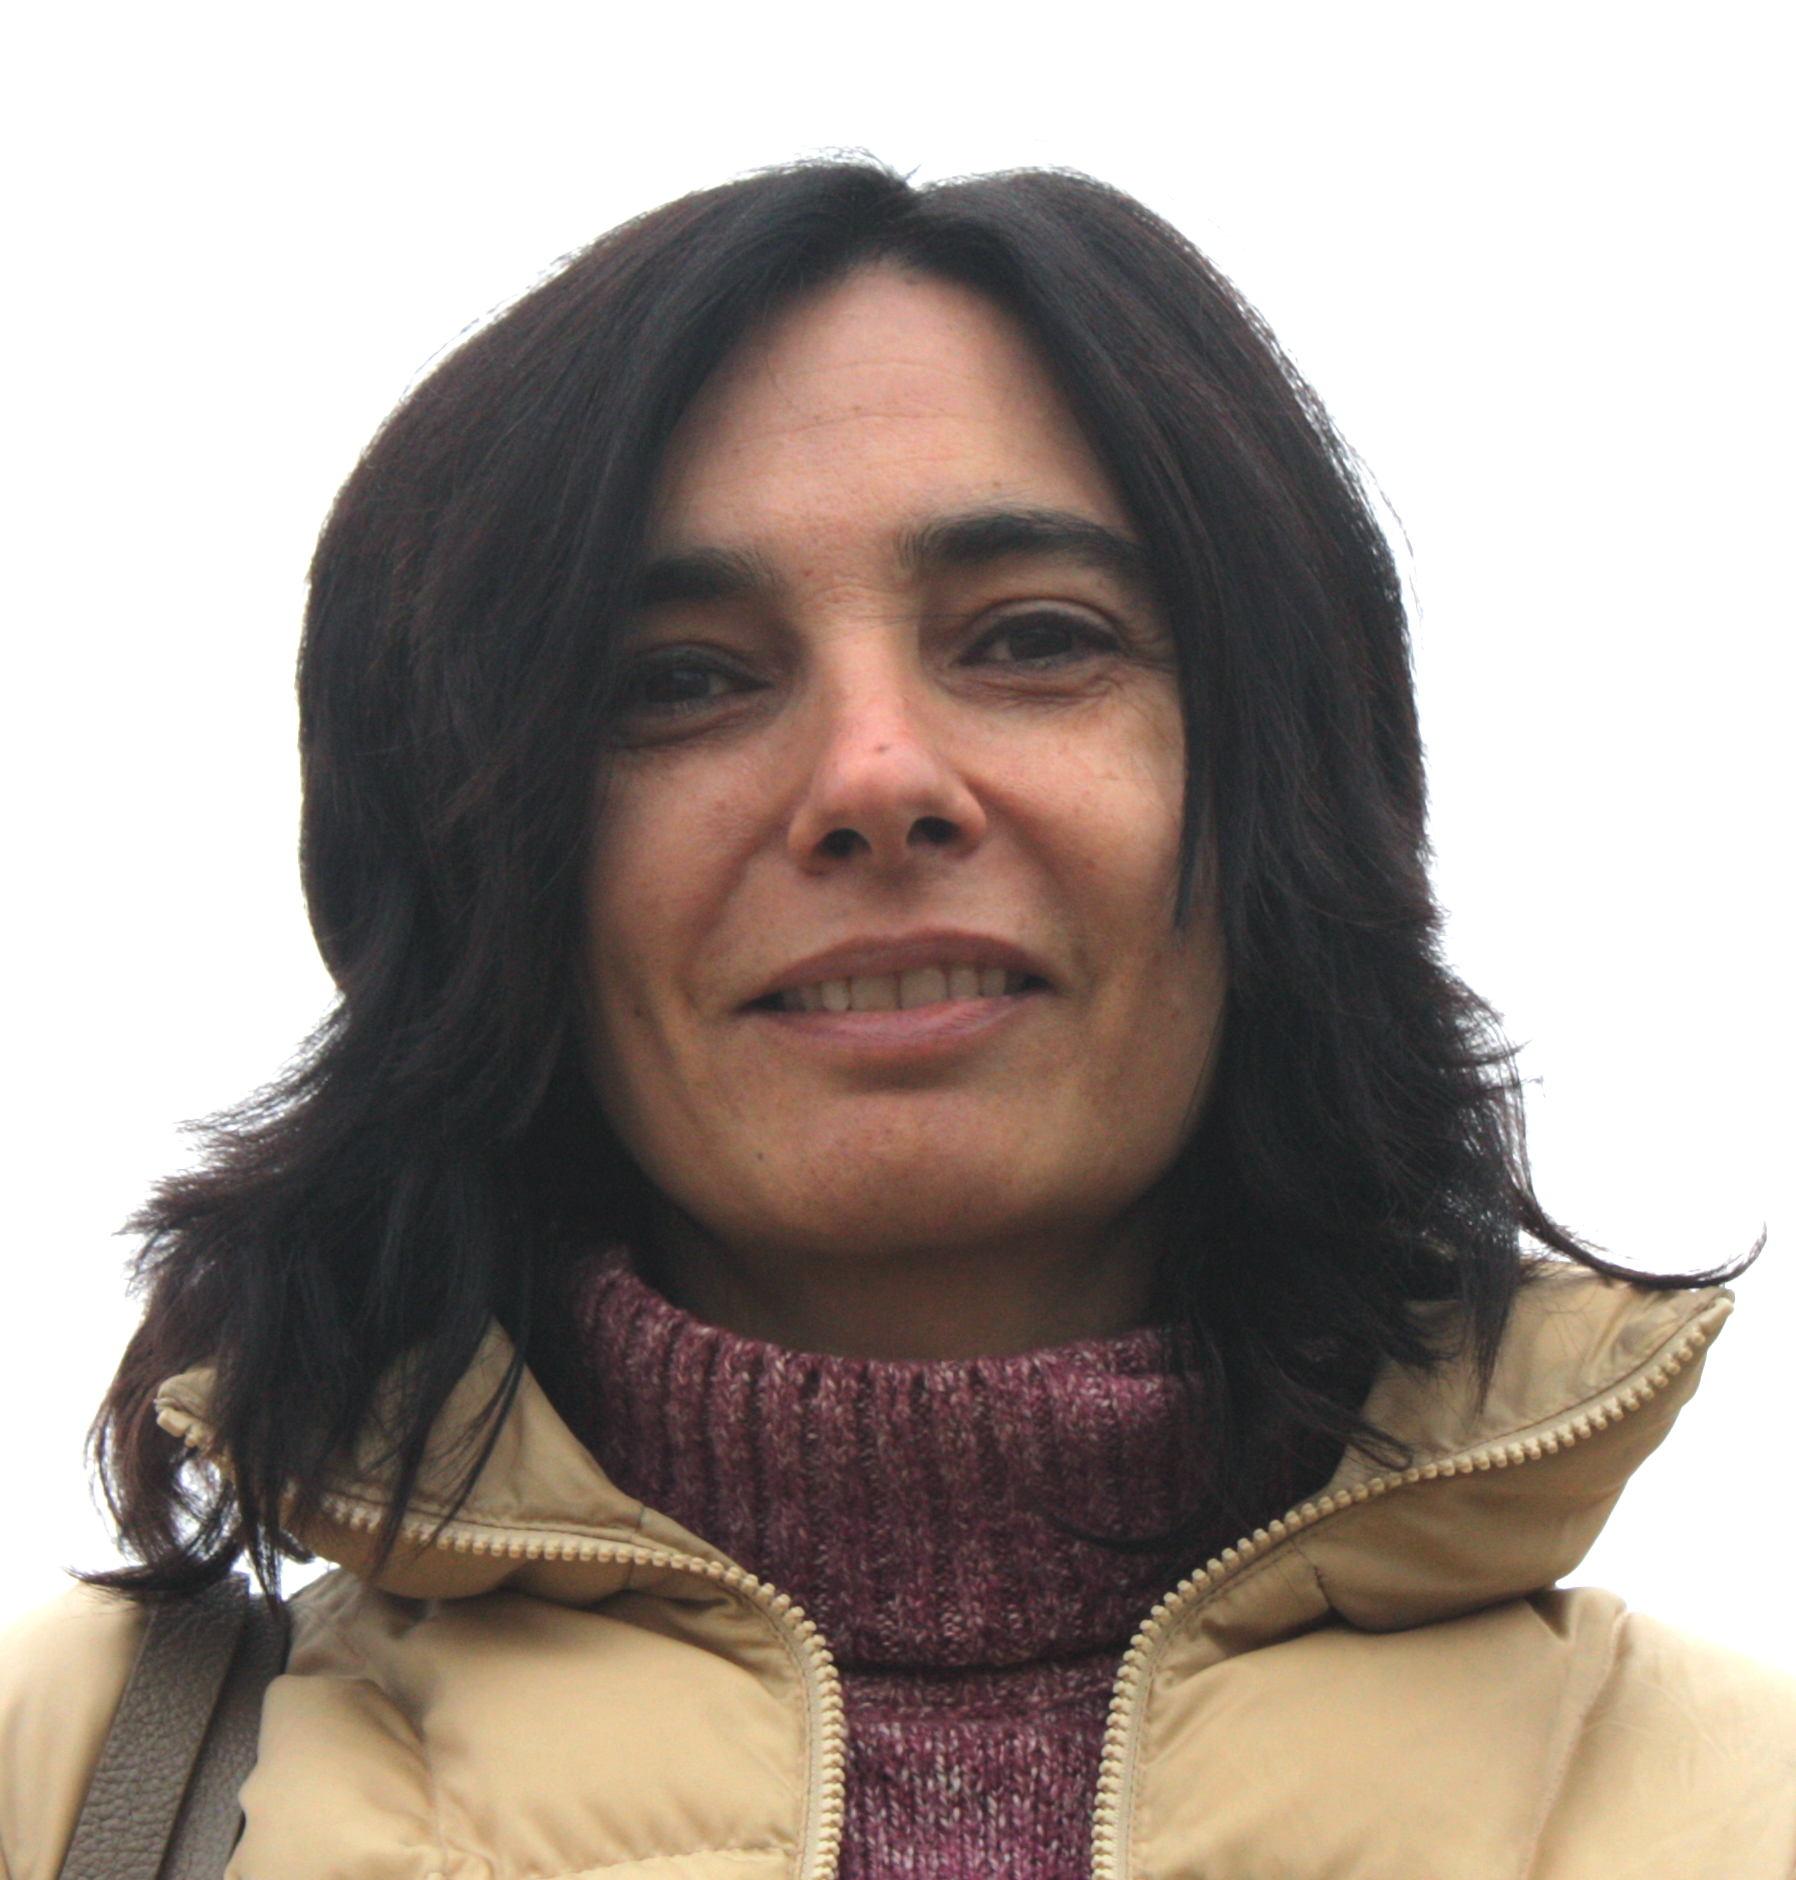 Eva María Asensio